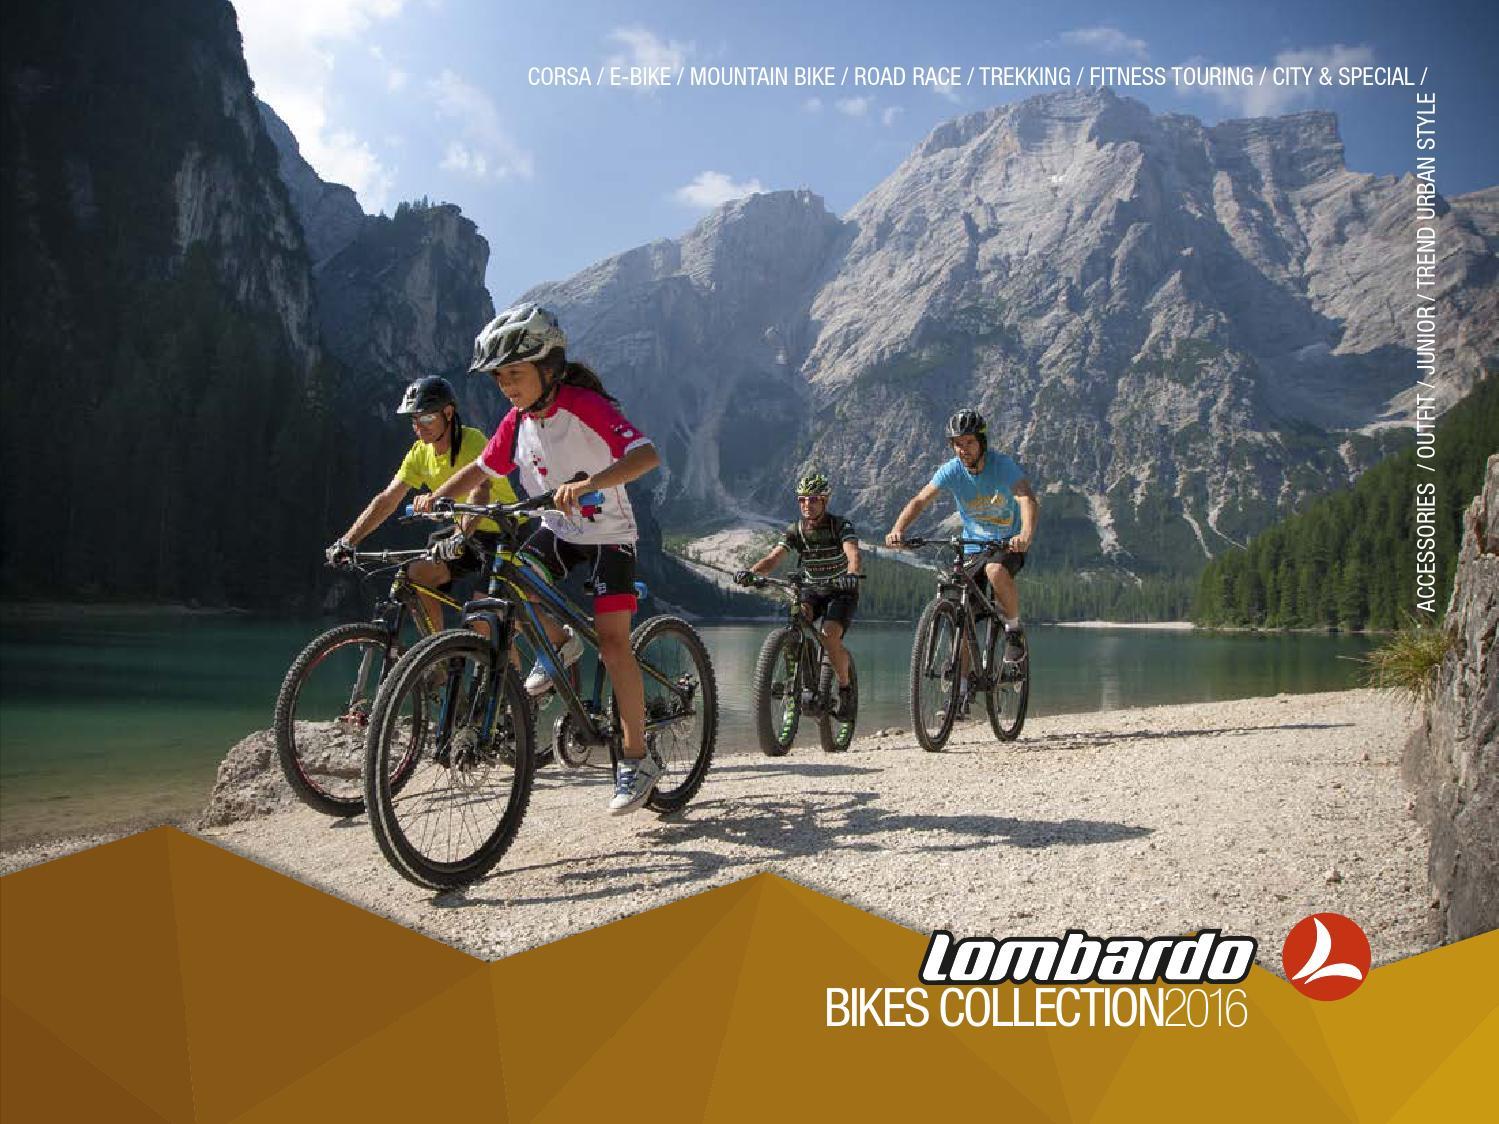 Lombardo Mountain Bike 20 Brera 20 6 V Orange//Black